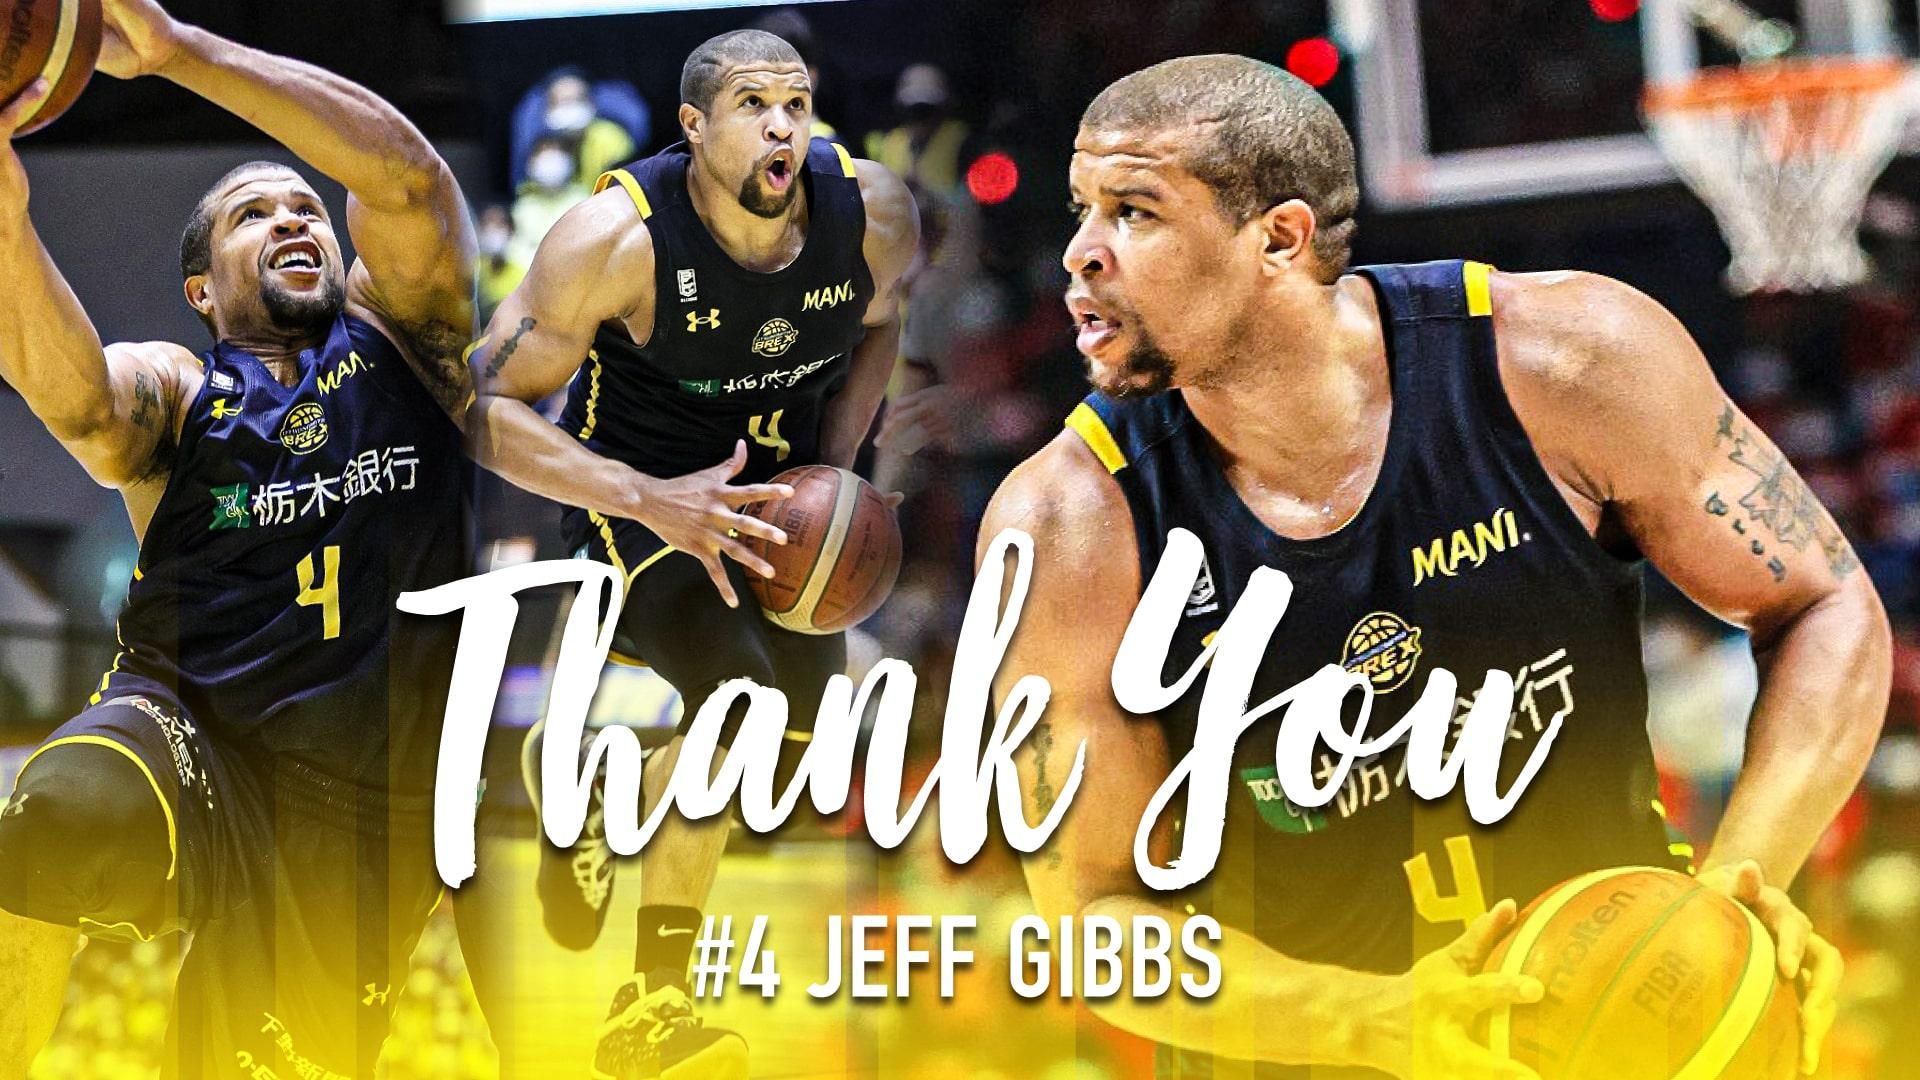 【宇都宮ブレックス】Thank You Jeff Gibbs